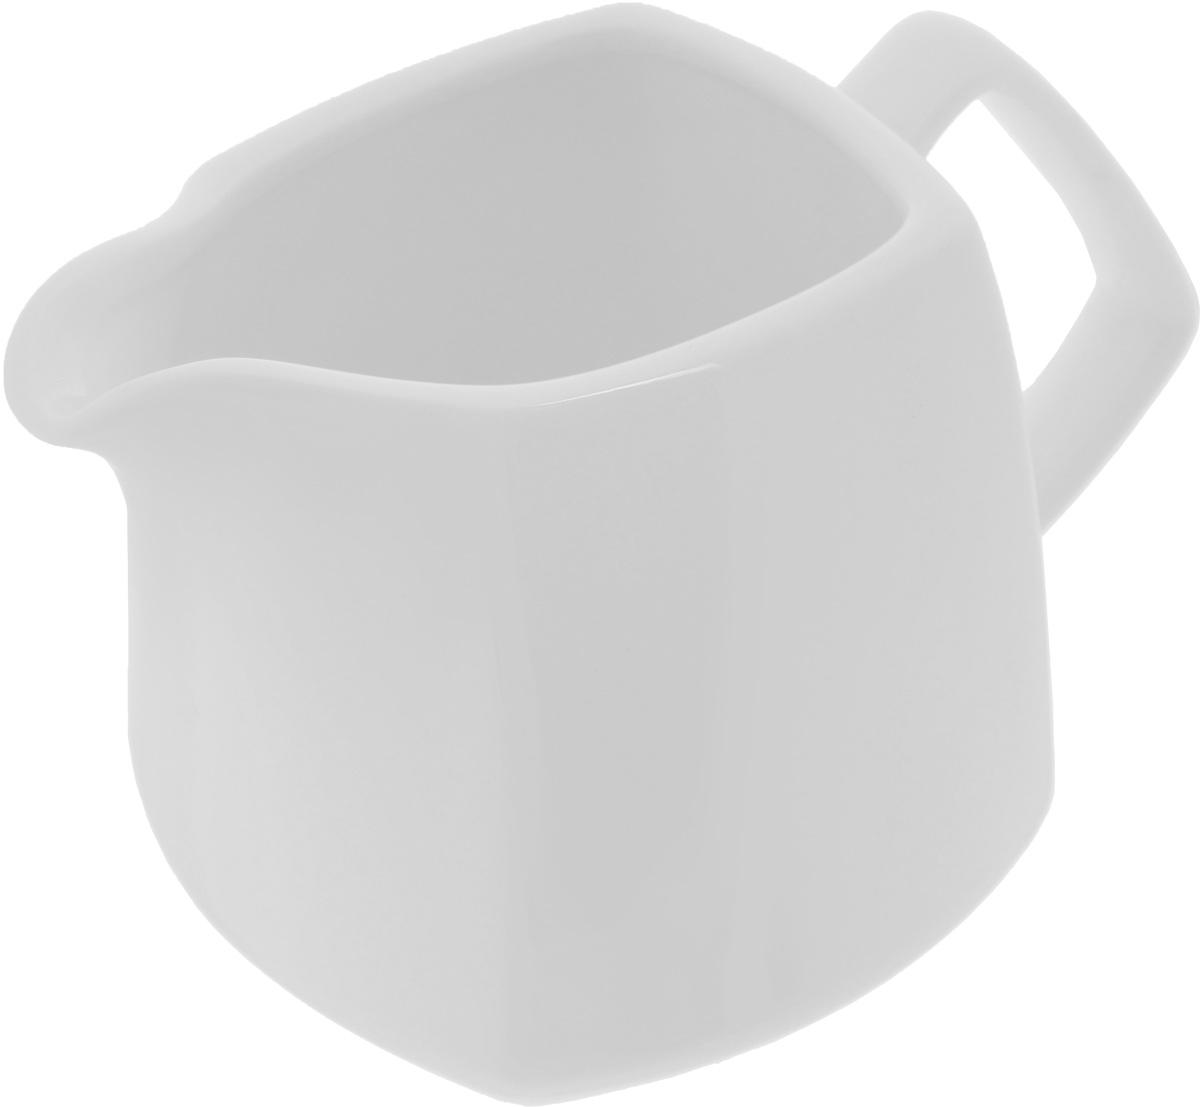 Молочник Wilmax, 310 млWL-995027 / 1CЭлегантный молочник Wilmax, выполненный из высококачественного фарфора с глазурованным покрытием, предназначен для подачи сливок, соуса и молока. Изящный, но в тоже время простой дизайн молочника, станет прекрасным украшением стола. Ширина молочника (с учетом ручки и носика): 13,5 см. Высота молочника: 8,8 см.